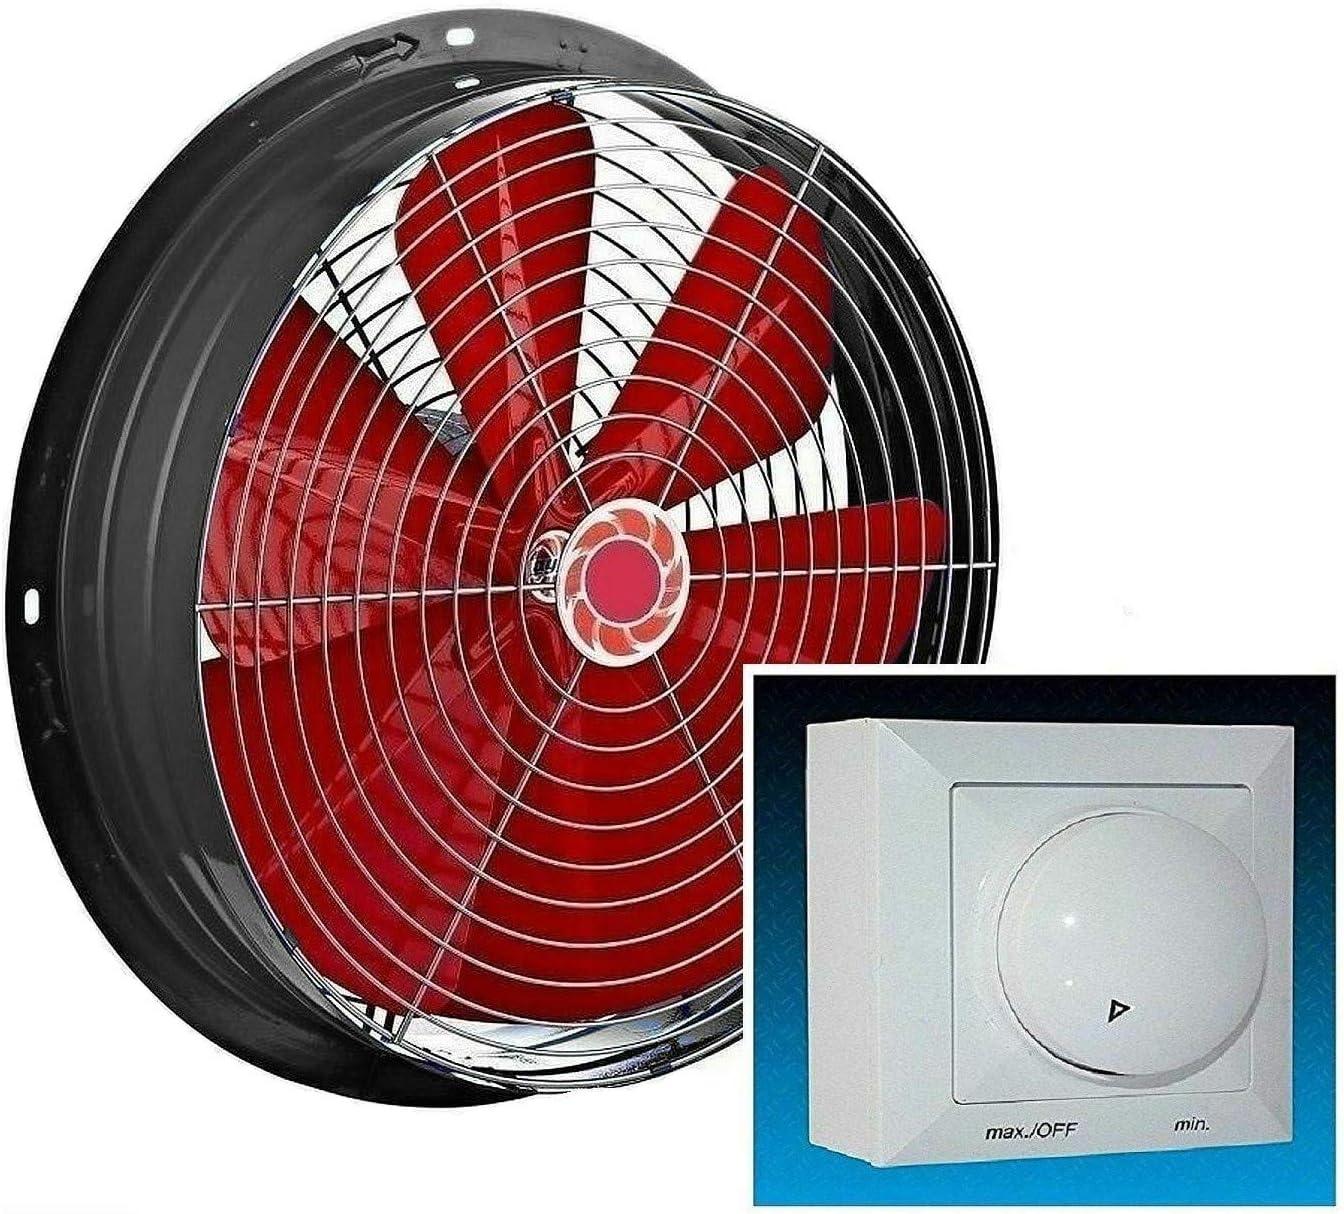 550mm Ventilador industrial con 500W Regulador de Velocidat Ventilación Extractor Ventiladores ventiladore industriales Axial